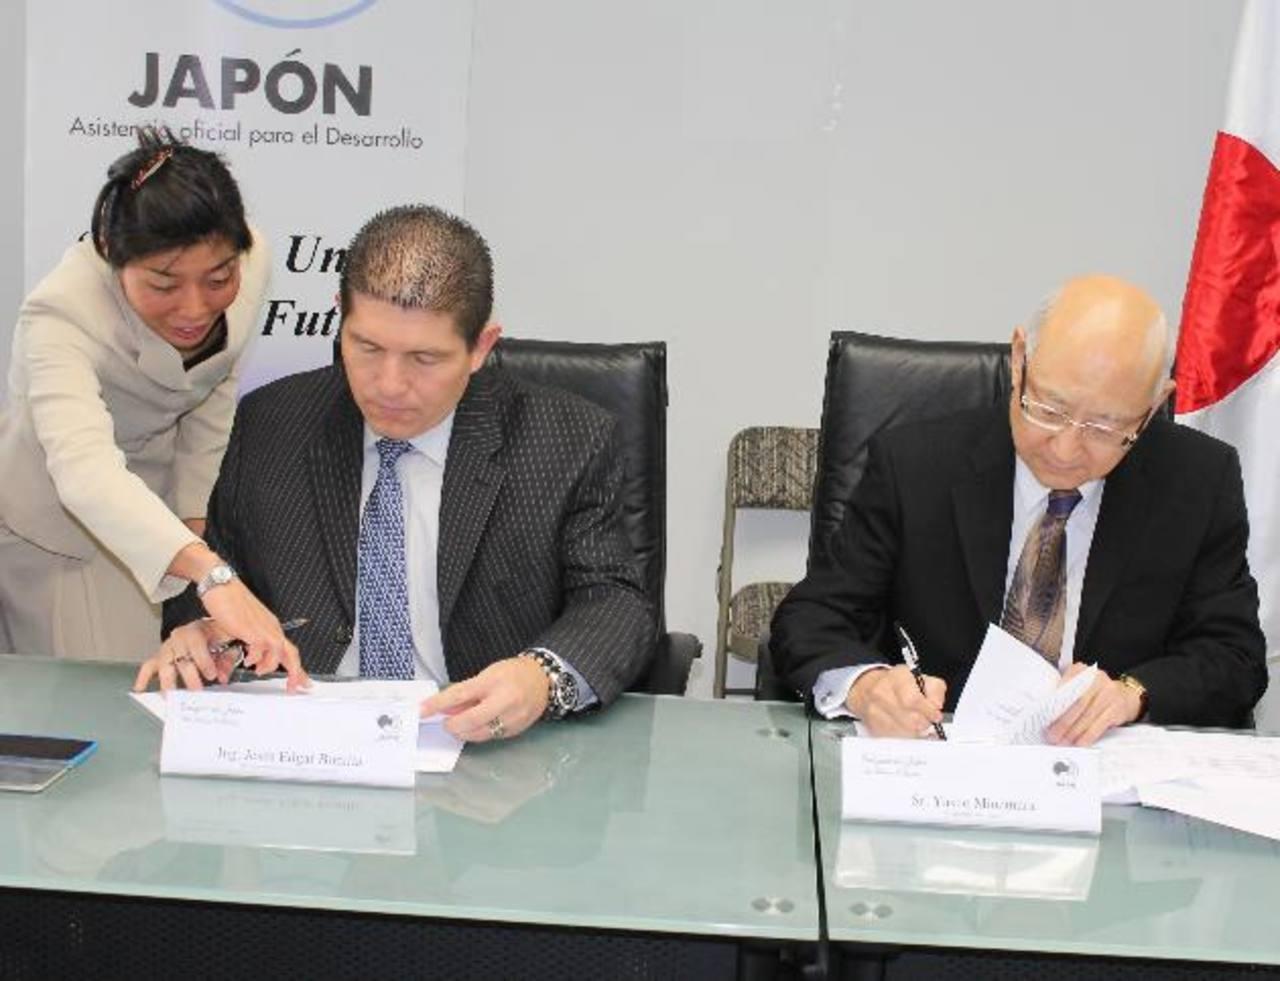 El alcalde se Sensuntepeque y el embajador de Japón firman el convenio. Foto EDH / cortesía